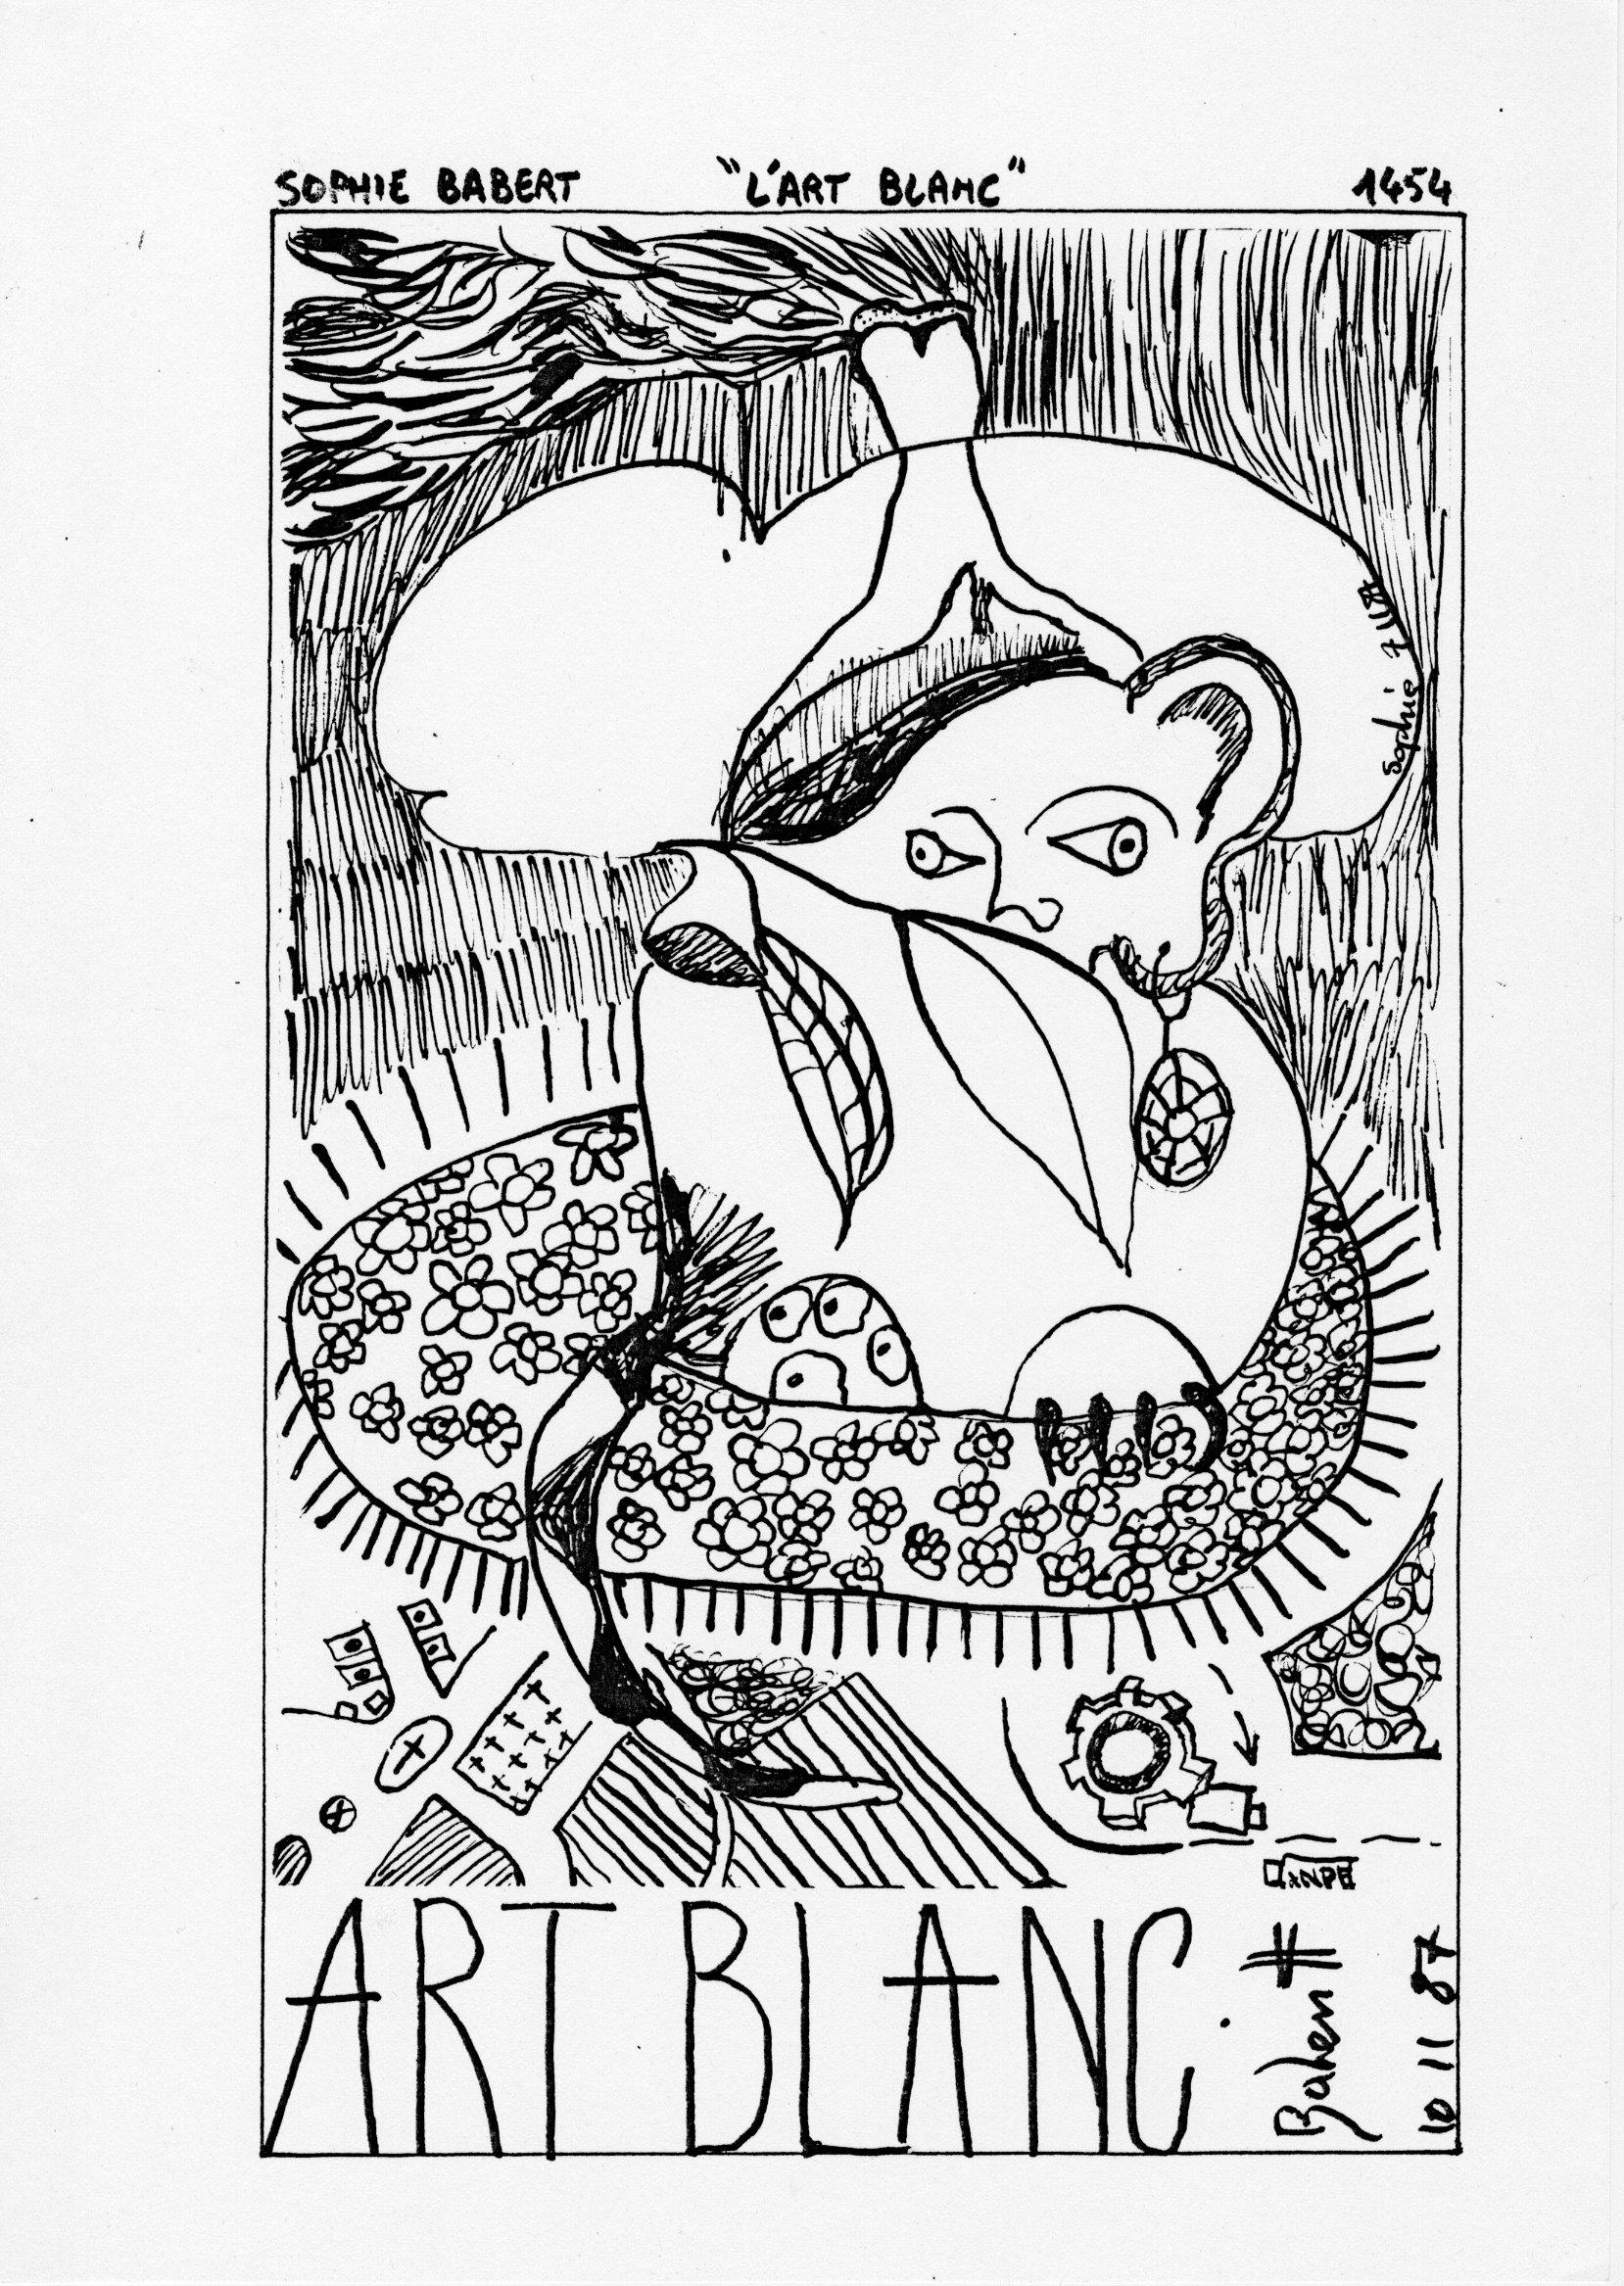 page 1454 S. Babert L'ART BLANC